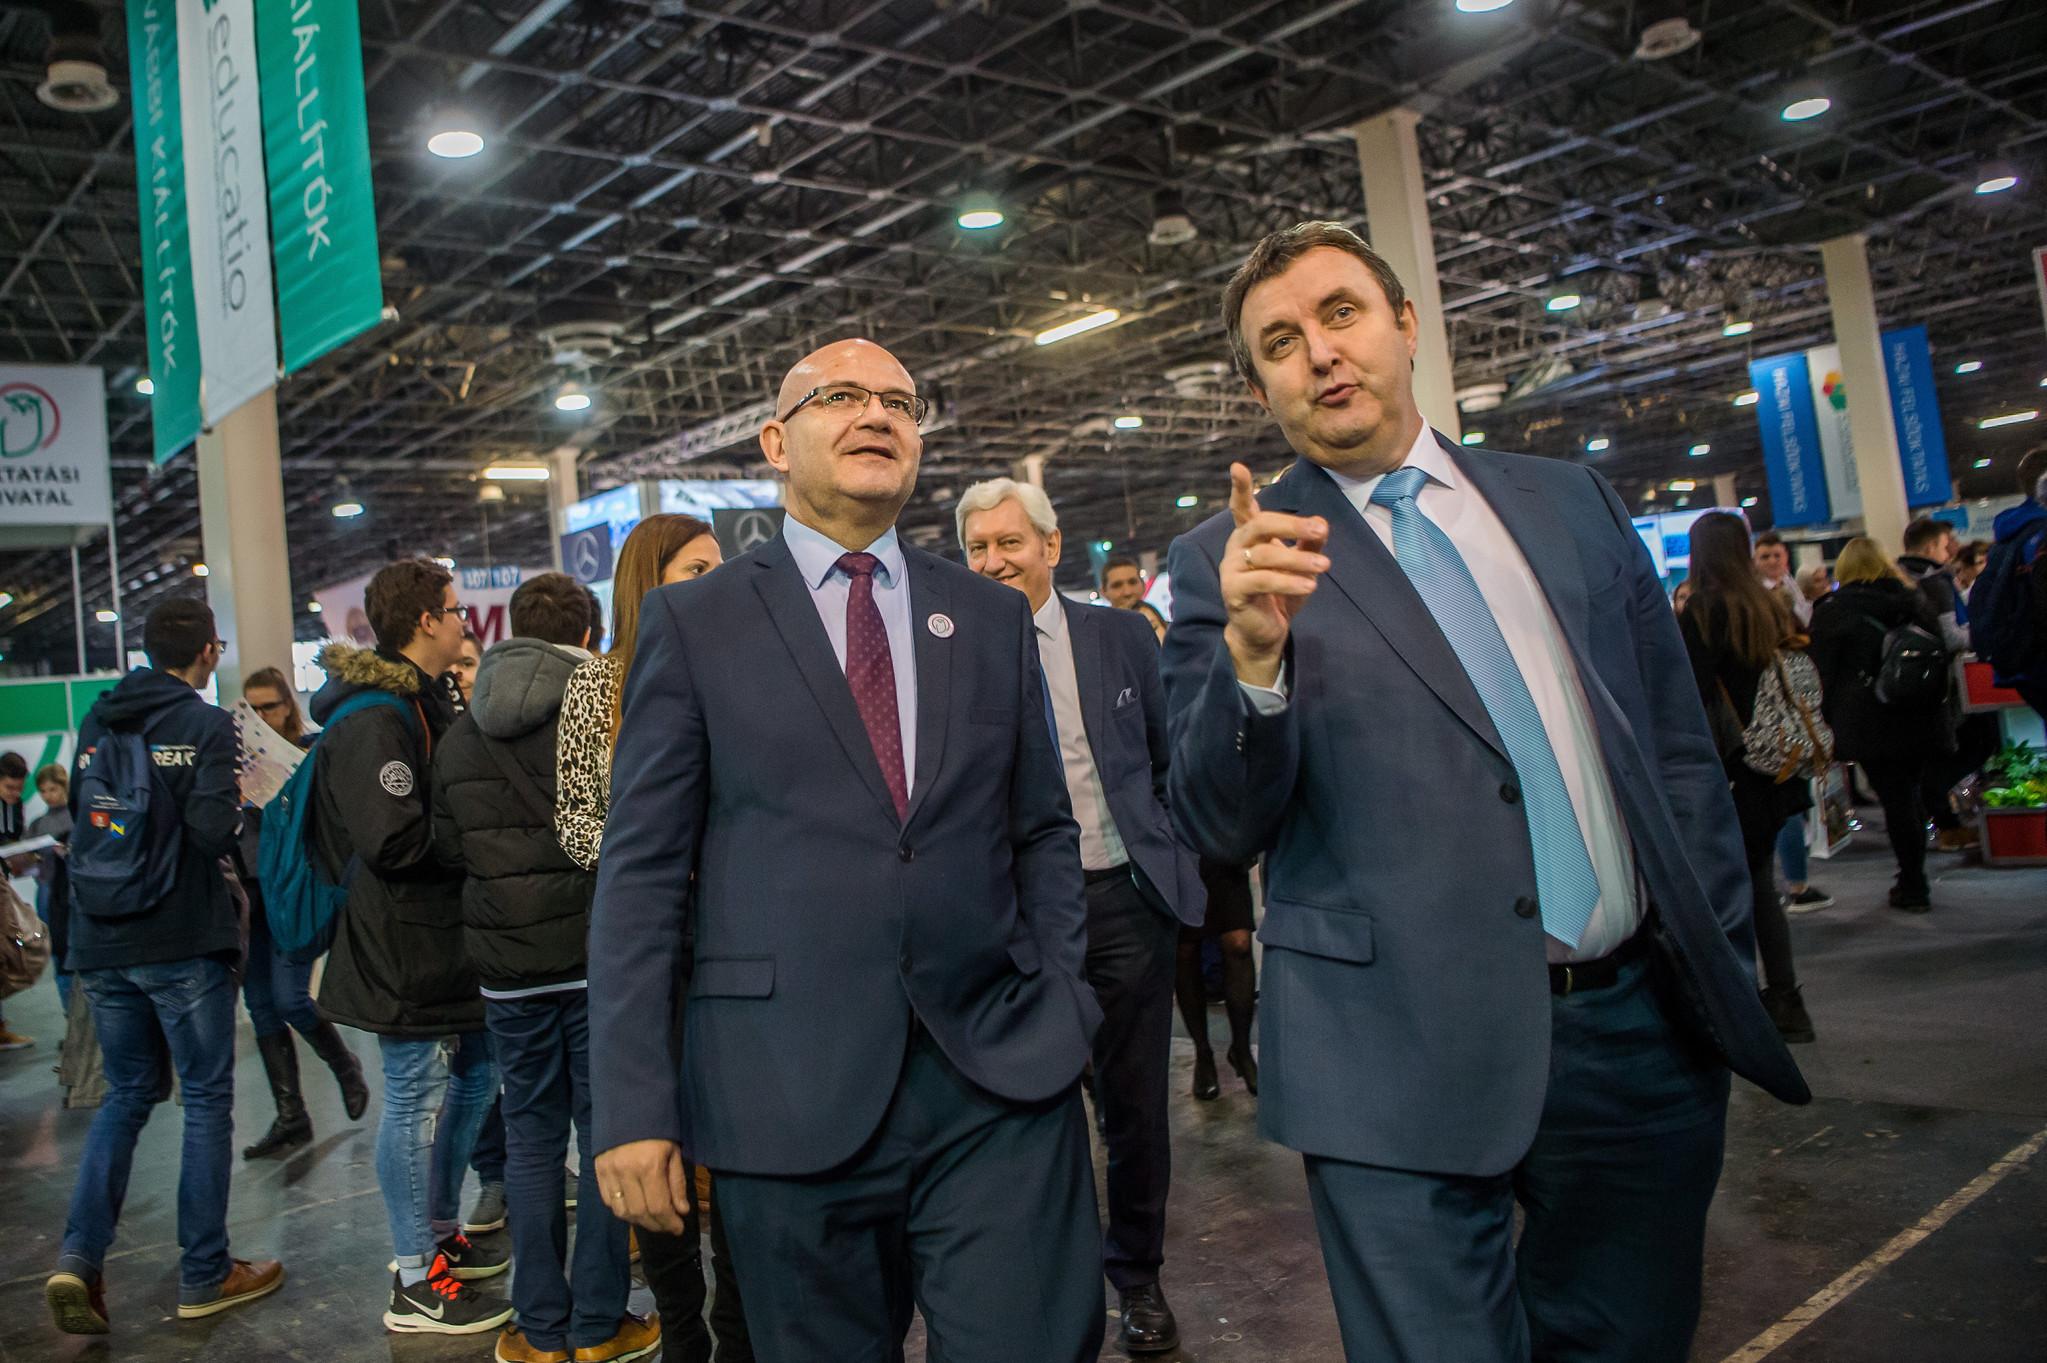 Rontott helyén az SZTE, Palkovics szerint lényeges a javulás